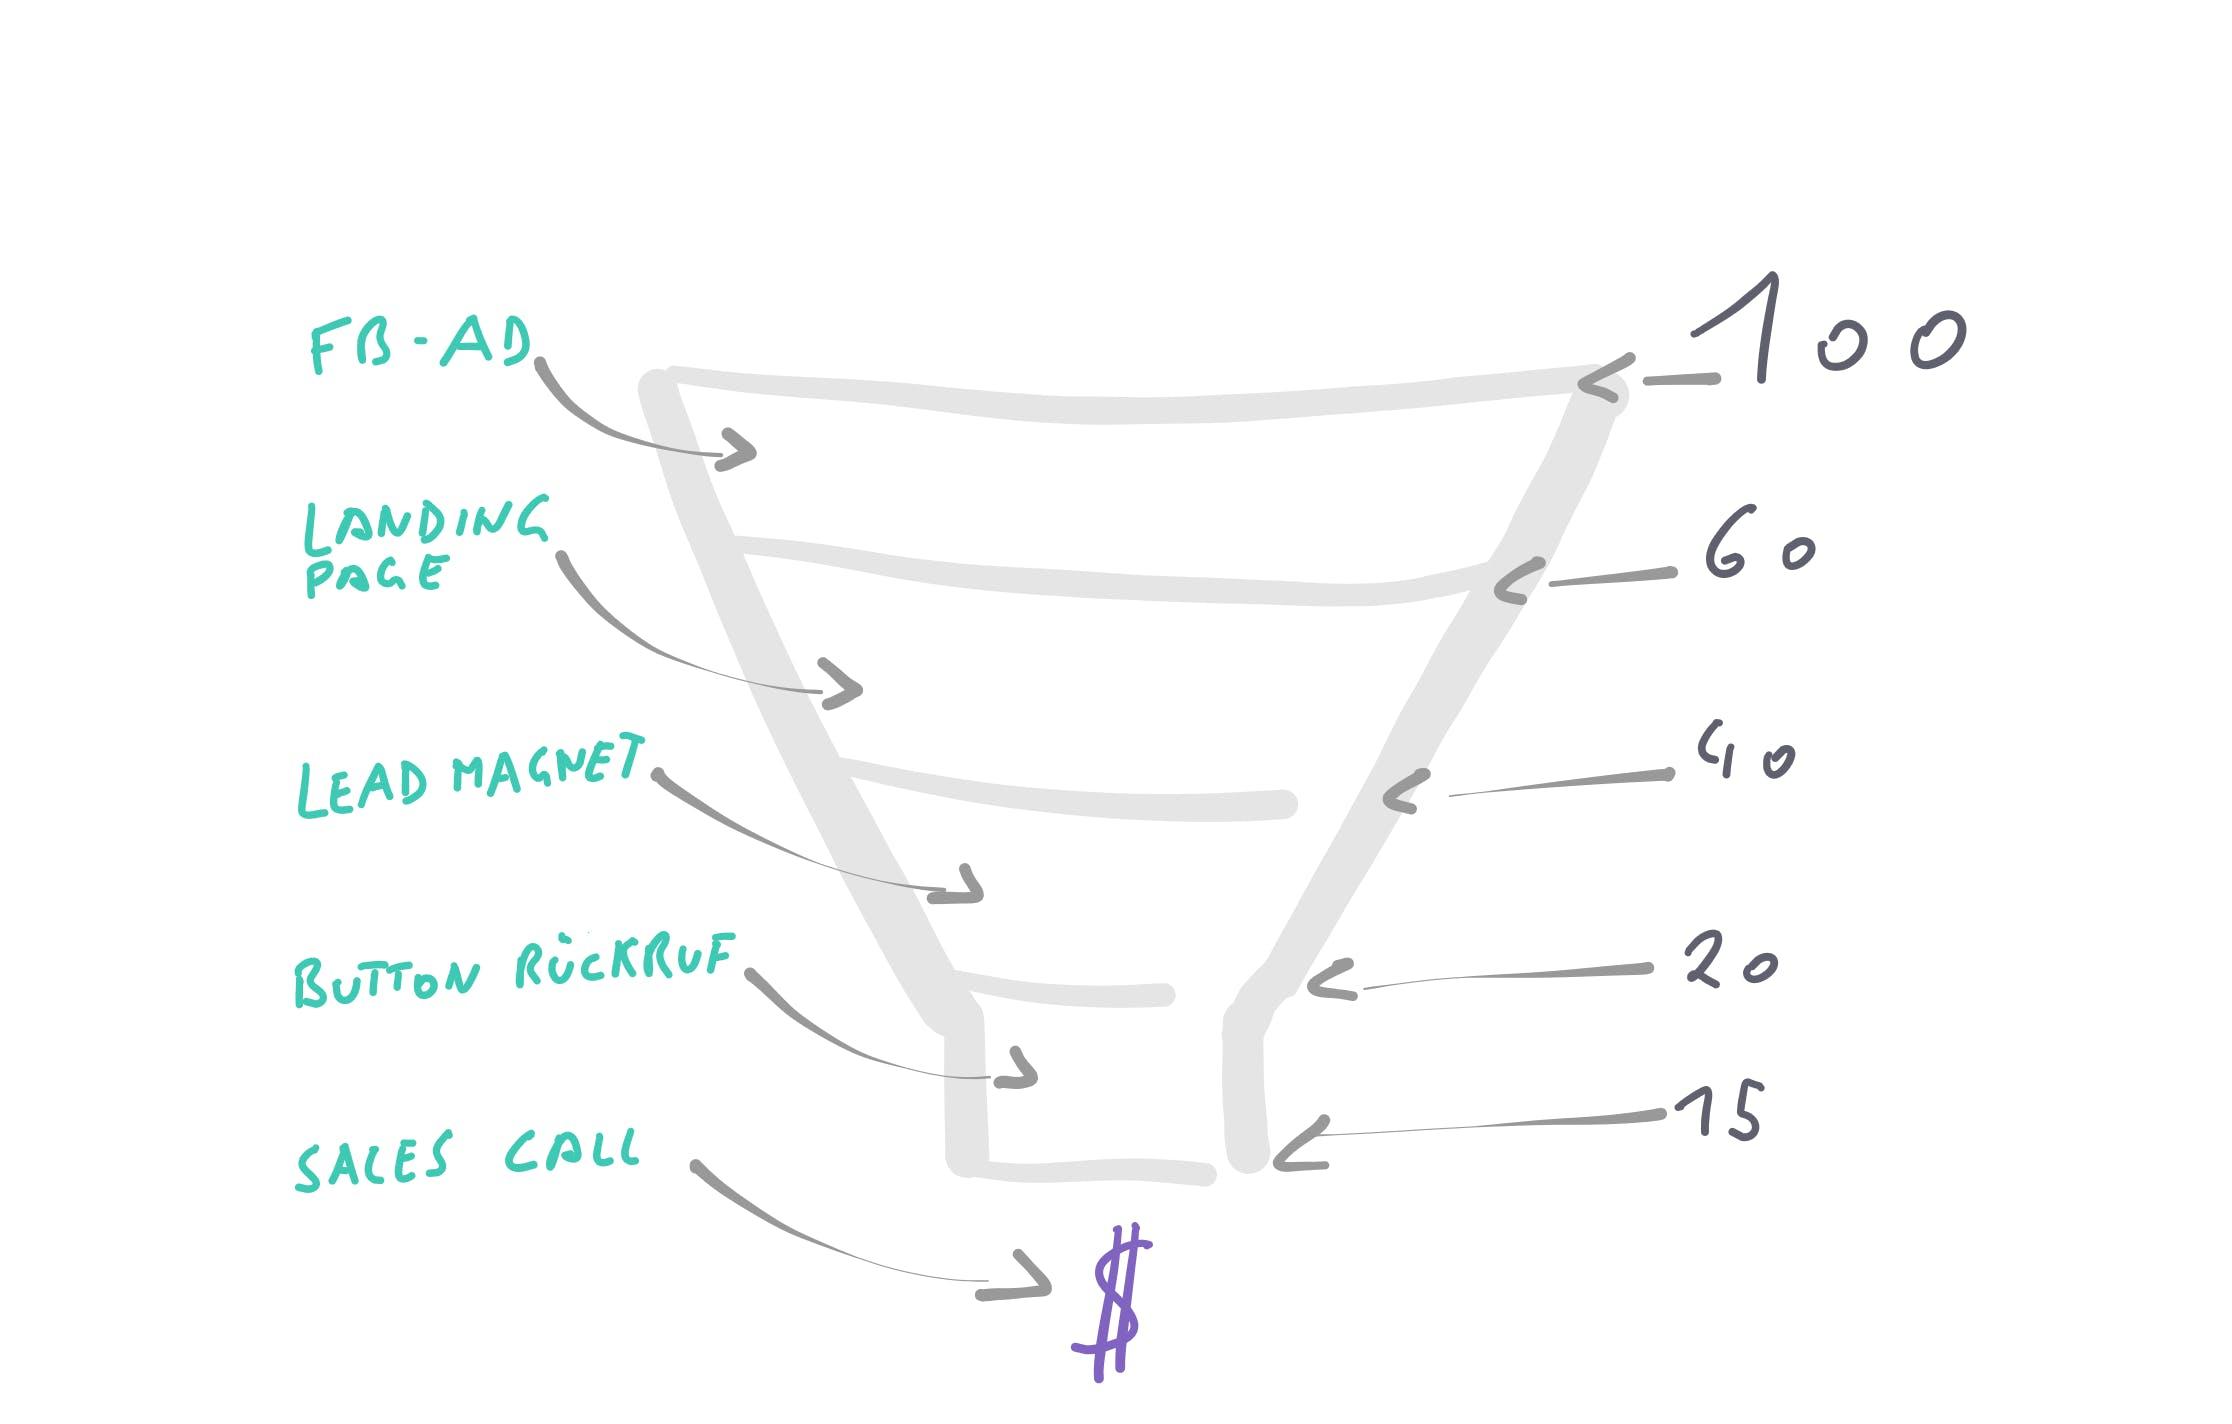 Skizze eines Sales & Marketing Funnels.